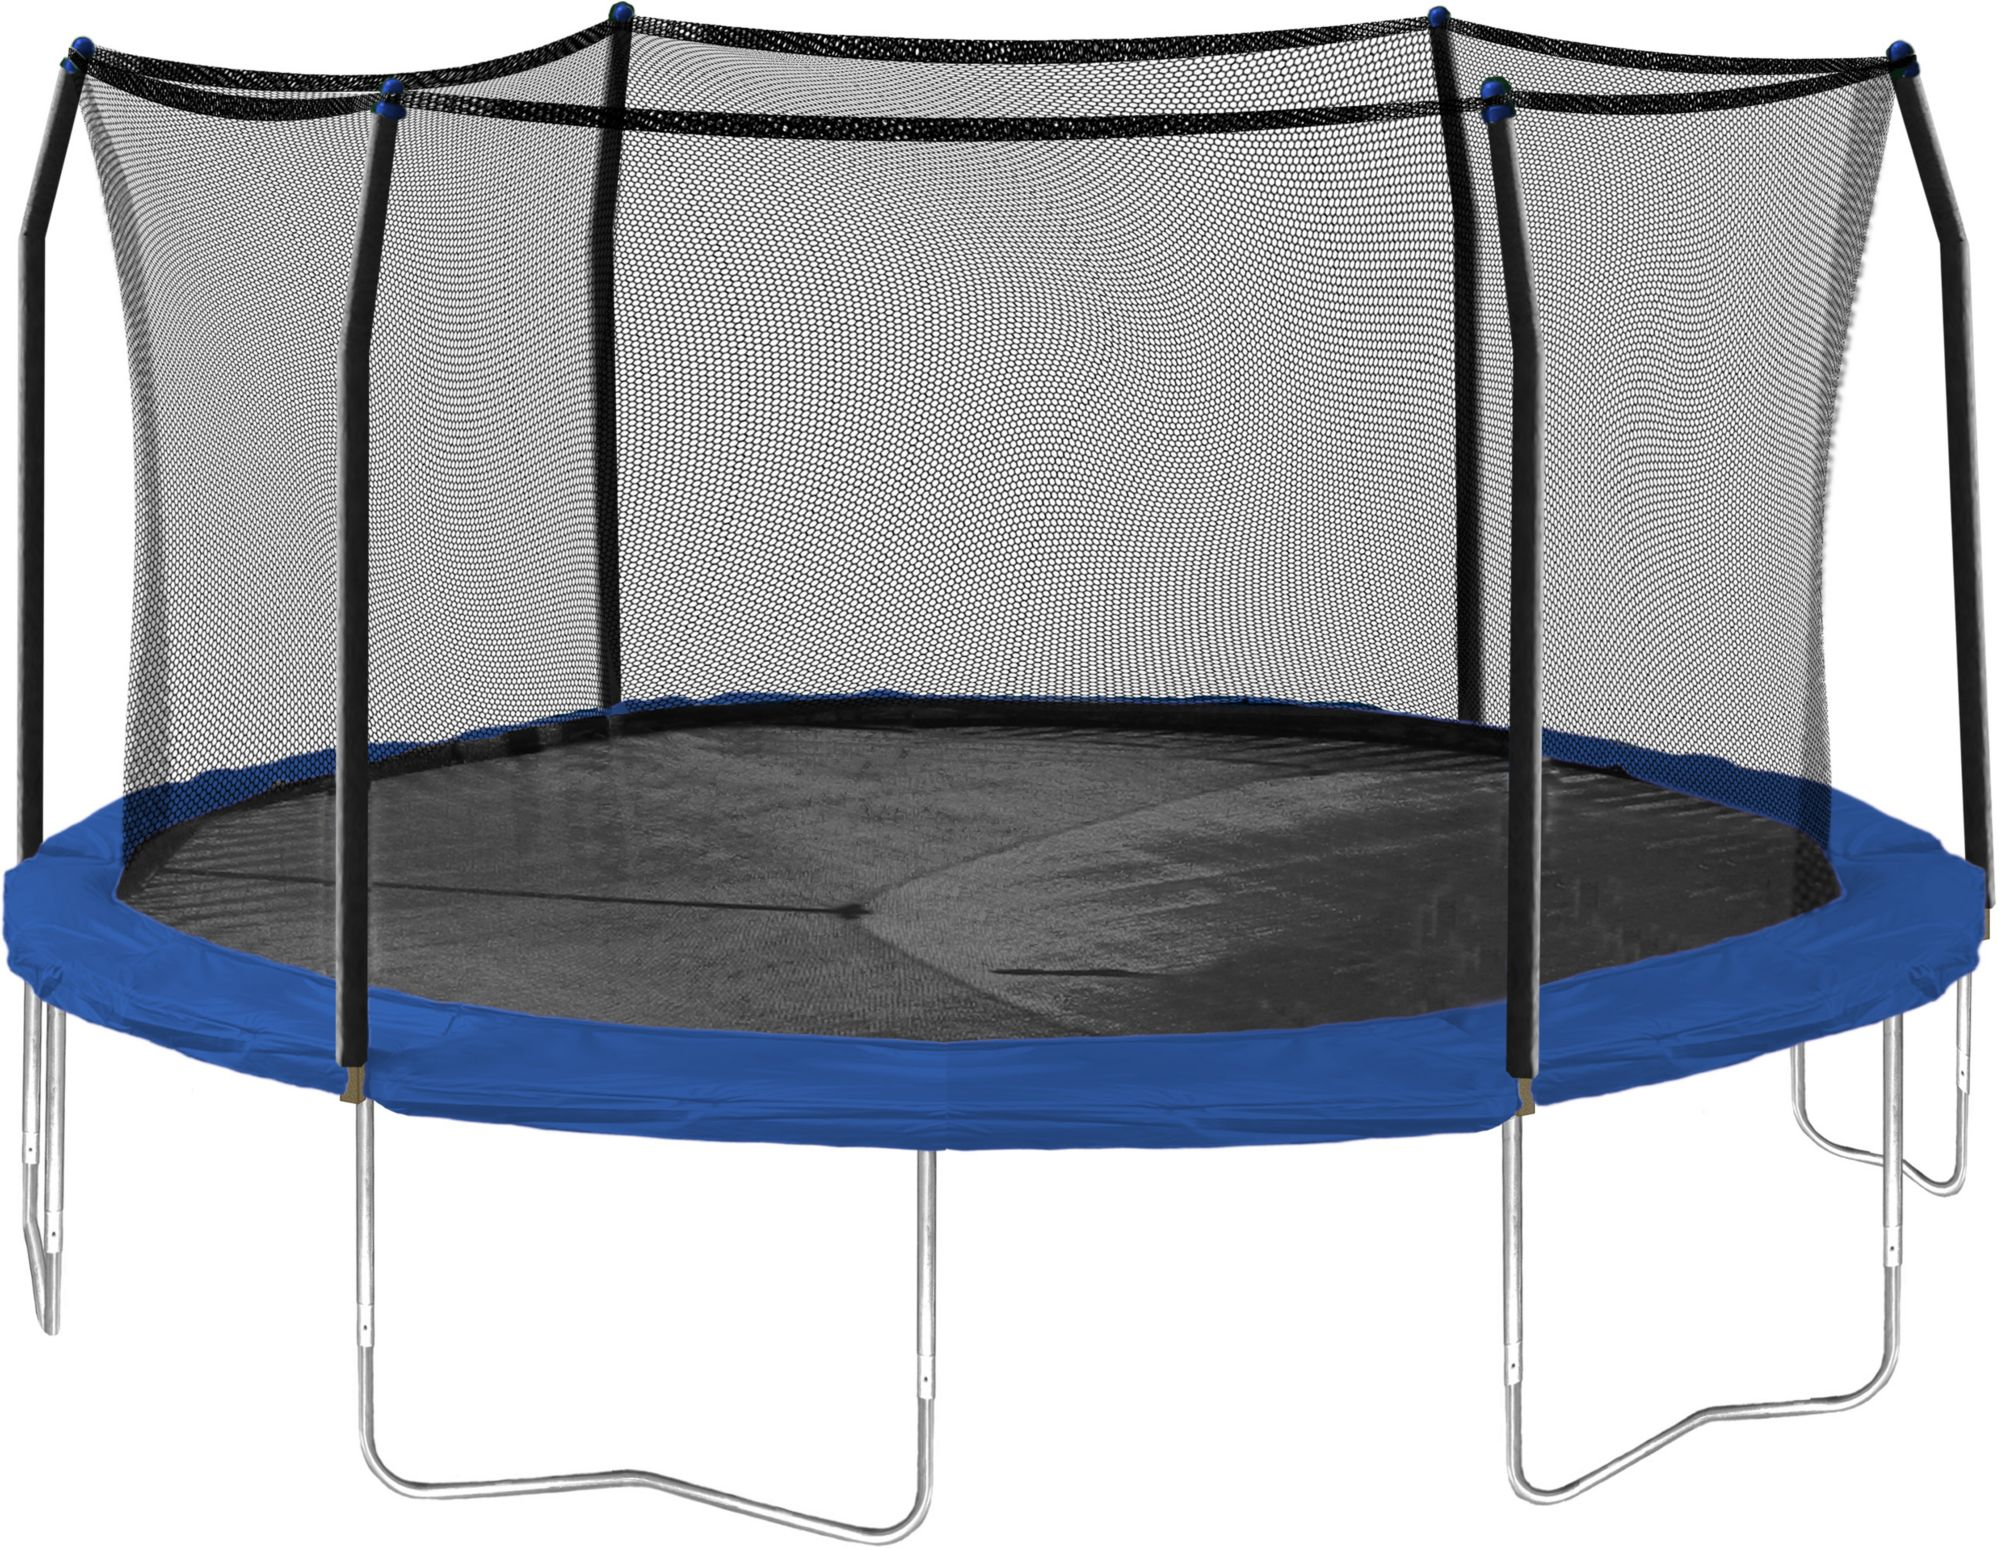 Image result for Skywalker trampoline